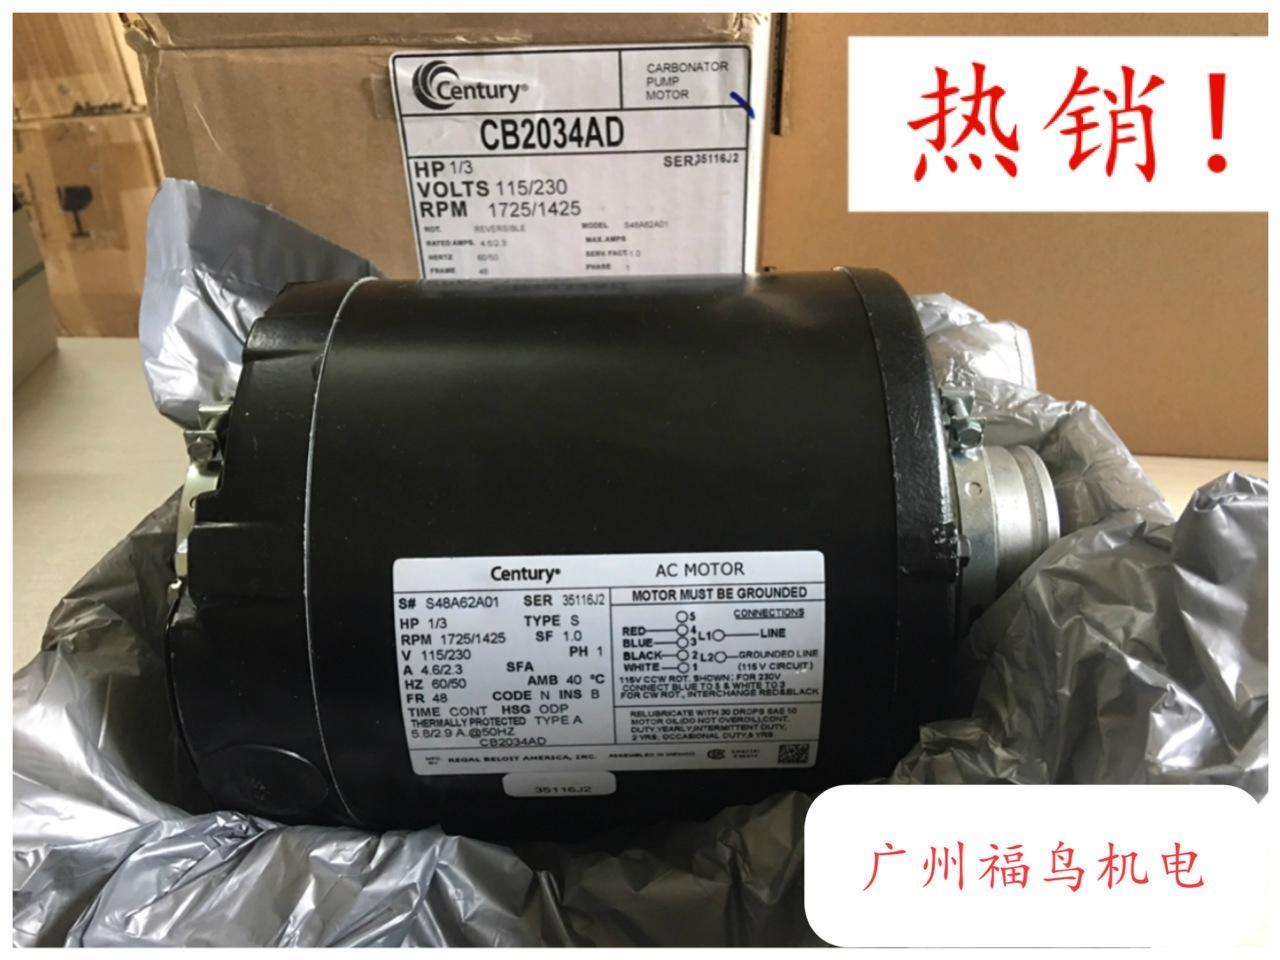 AO SMITH CENTURY电机(泵用电机), 型号: CB2034AD